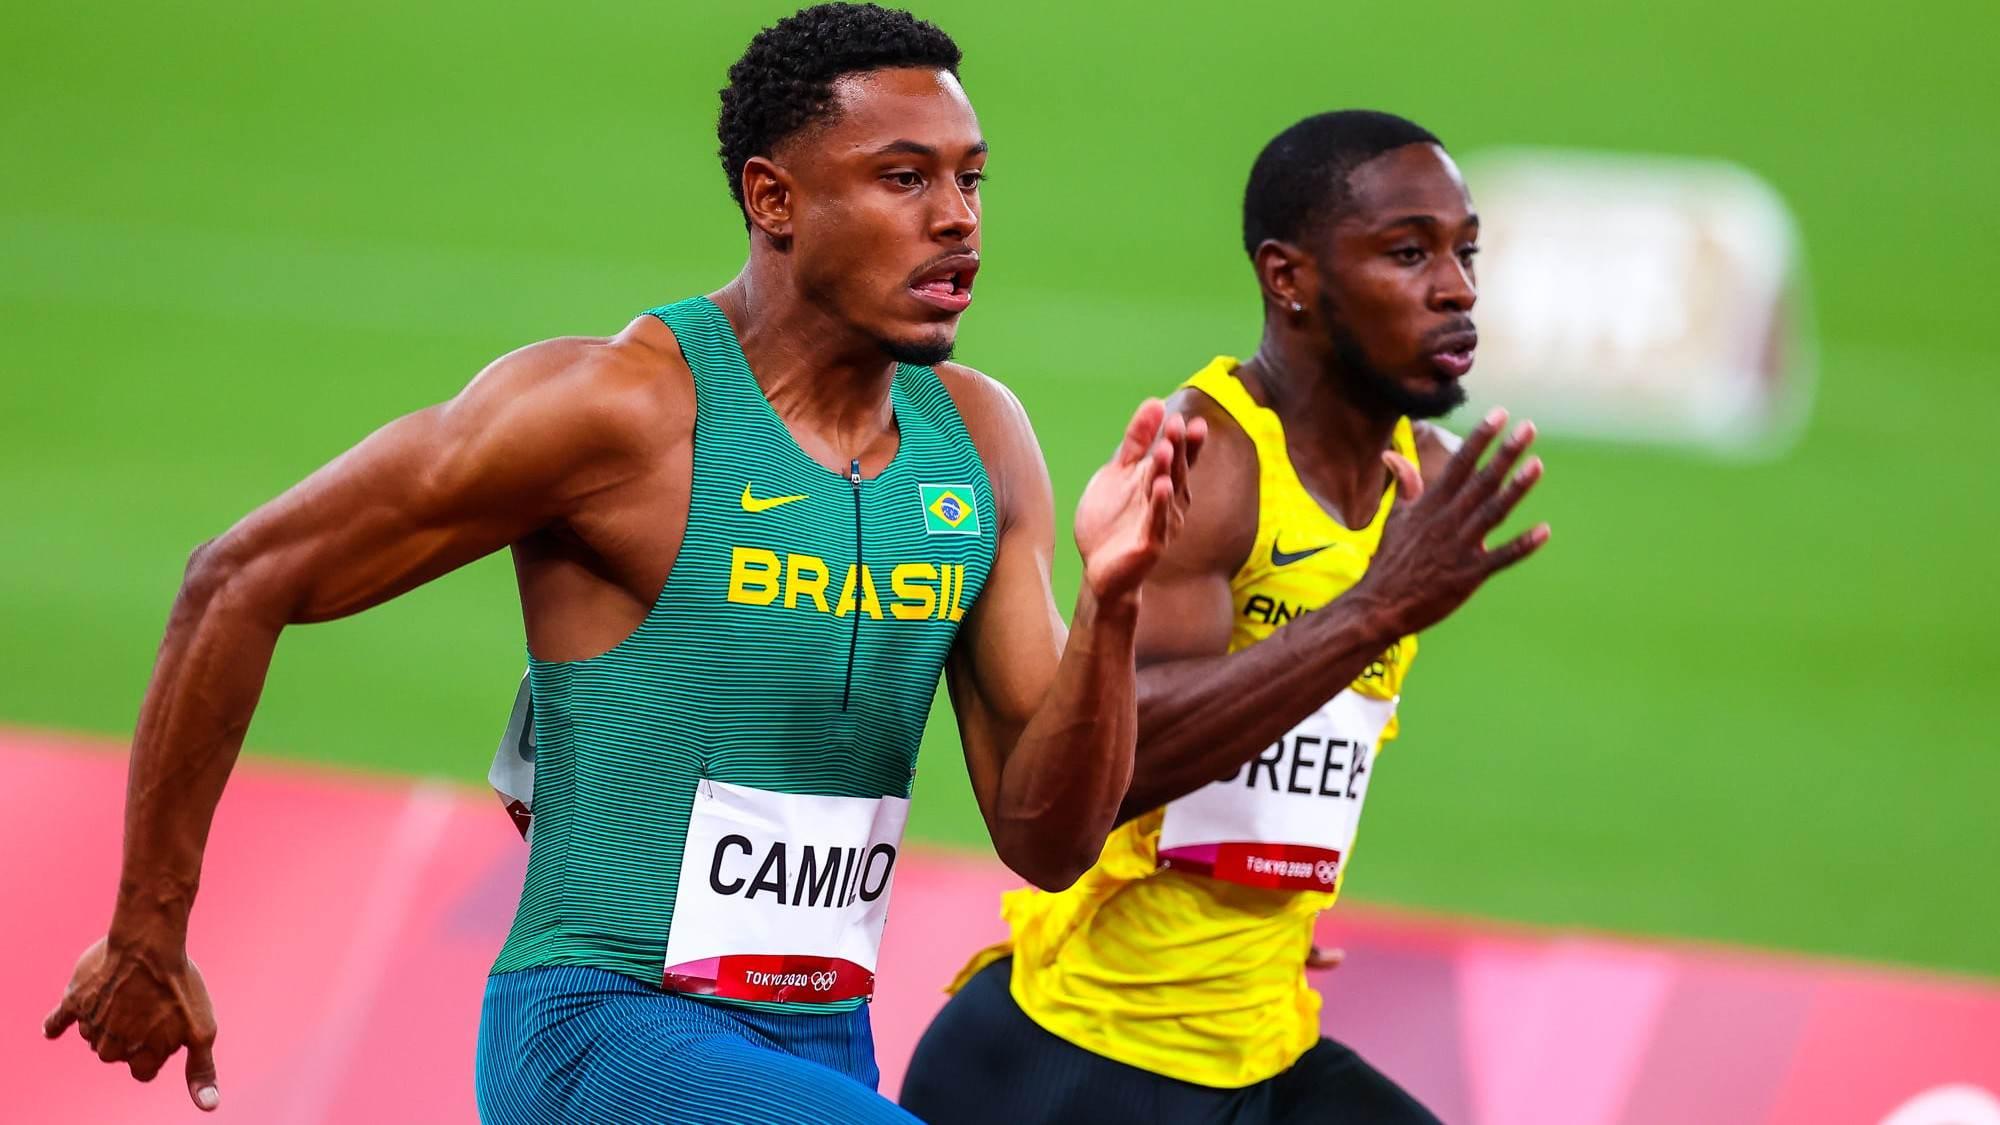 Paulo André fez o tempo de 10s17, terceiro melhor em sua bateria dos 100m rasos